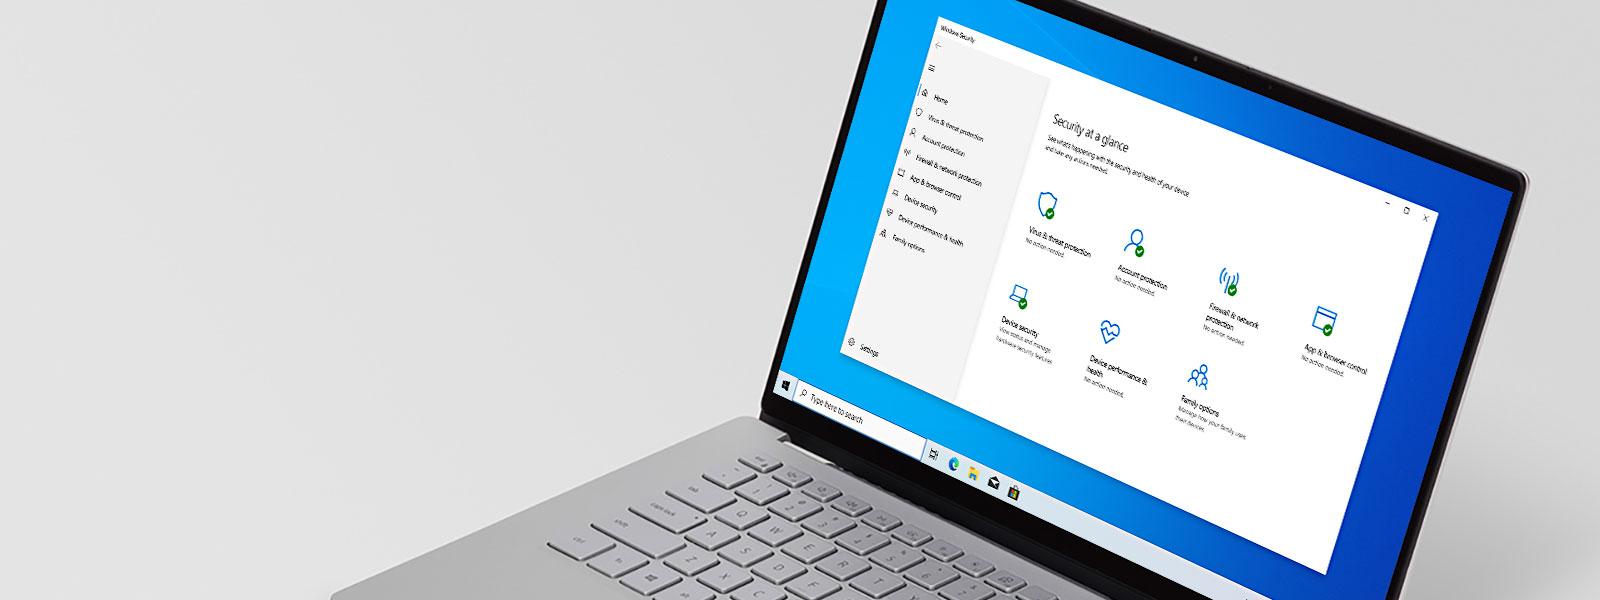 Windows10 klēpjdators, kurā redzams pretvīrusu programmatūras Microsoft Defender logs